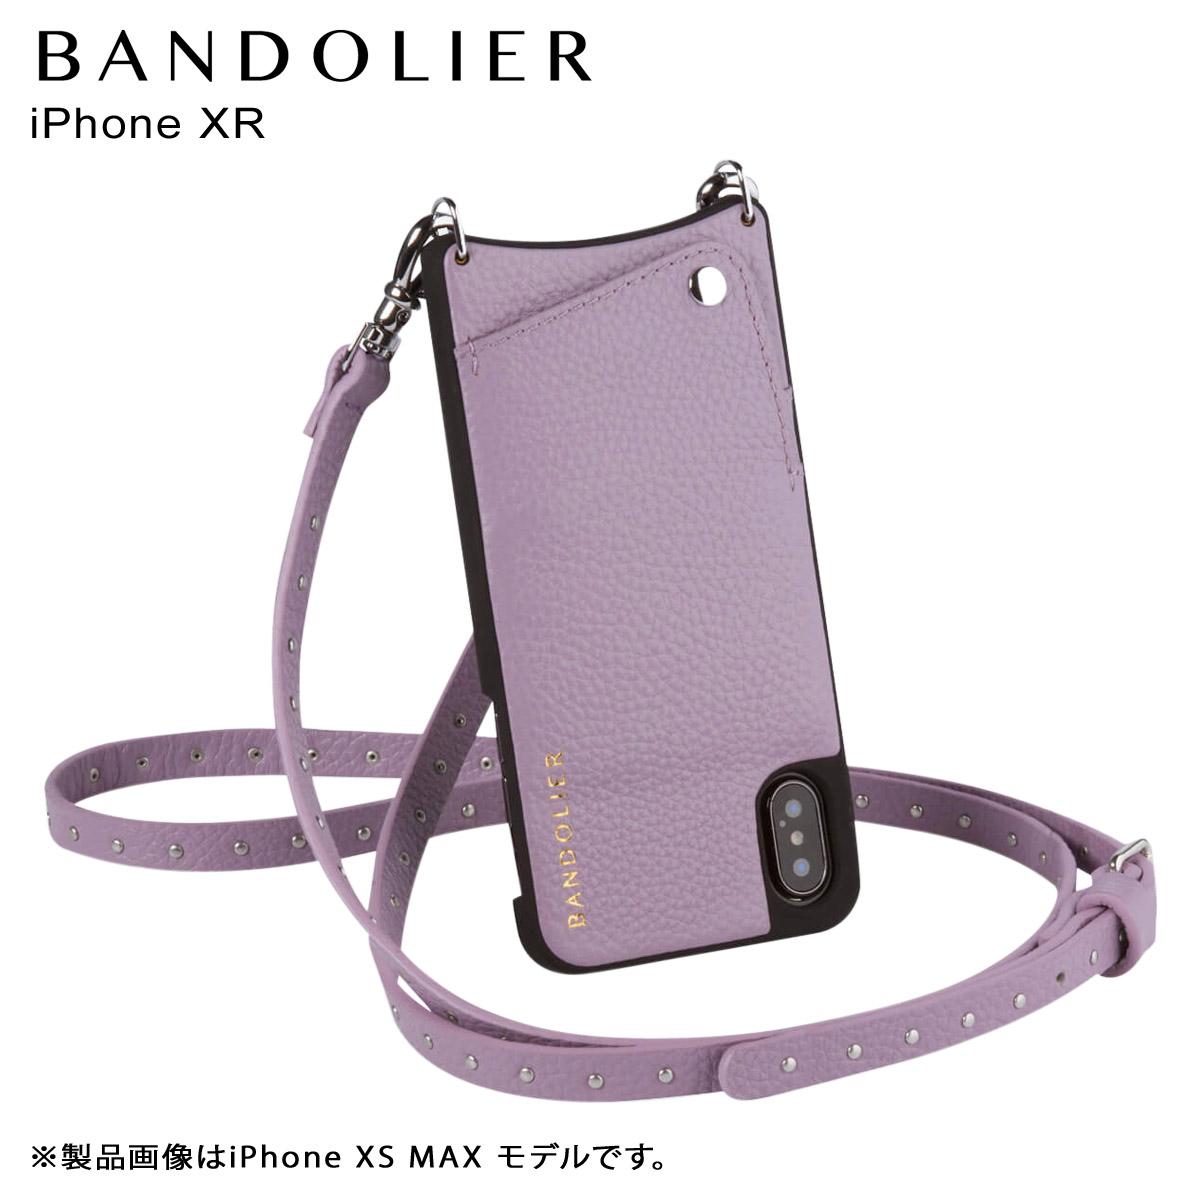 BANDOLIER NICOLE LILAC バンドリヤー iPhone XR ケース ショルダー スマホ アイフォン レザー メンズ レディース ライラック 10NIC1001 [3/18 再入荷]